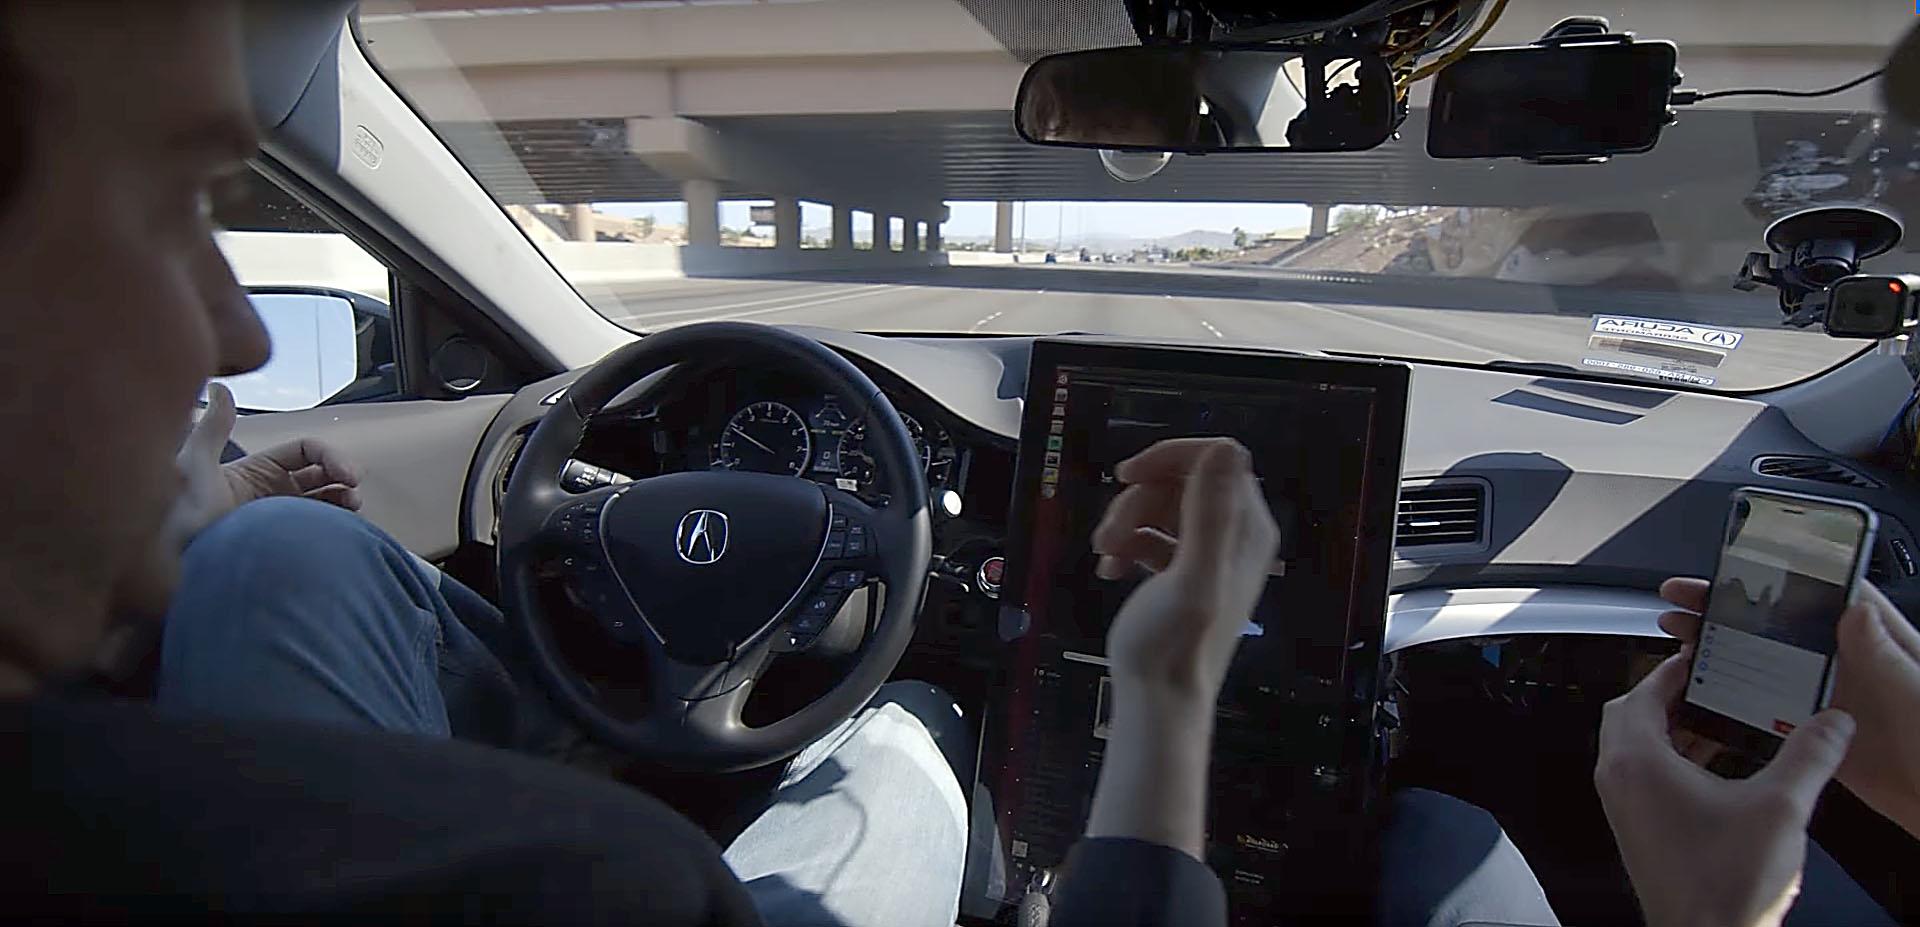 美国交管局将于7月推出无人驾驶汽车路试新规